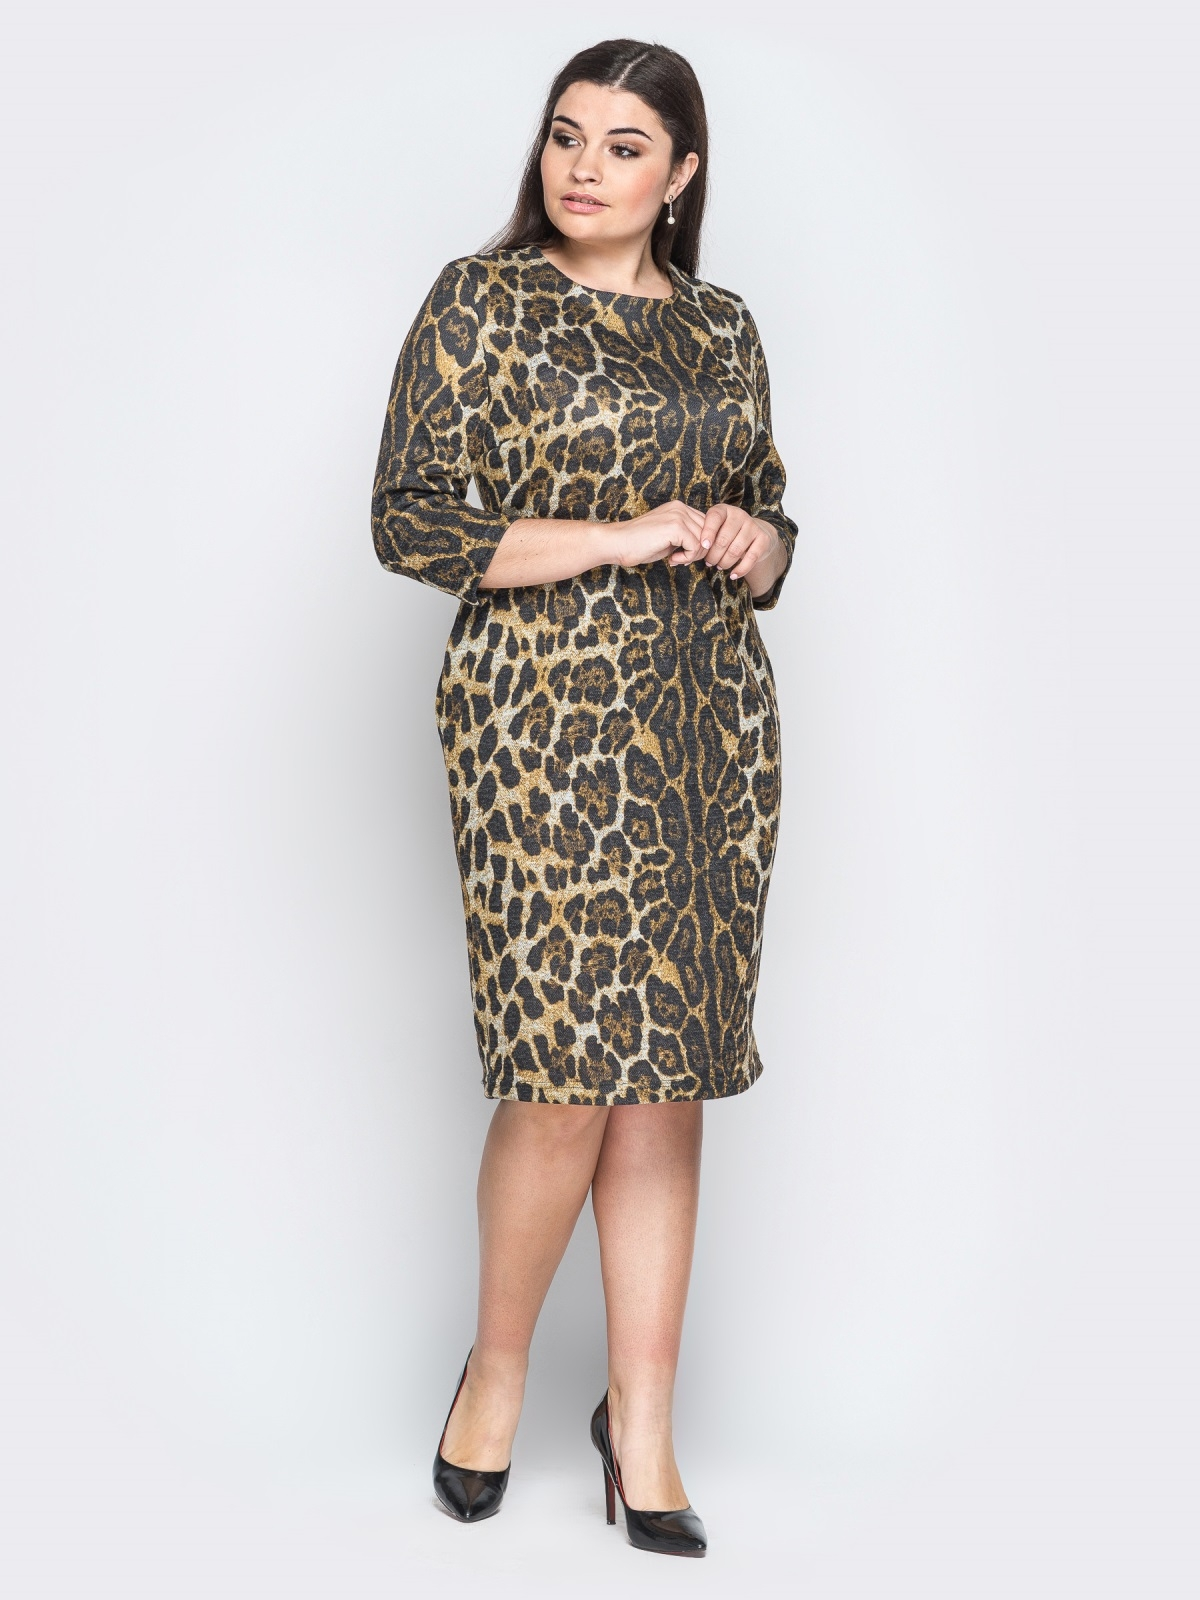 2a9934fca68 Ангоровое платье с леопардовым принтом коричневое 18369 – купить в ...